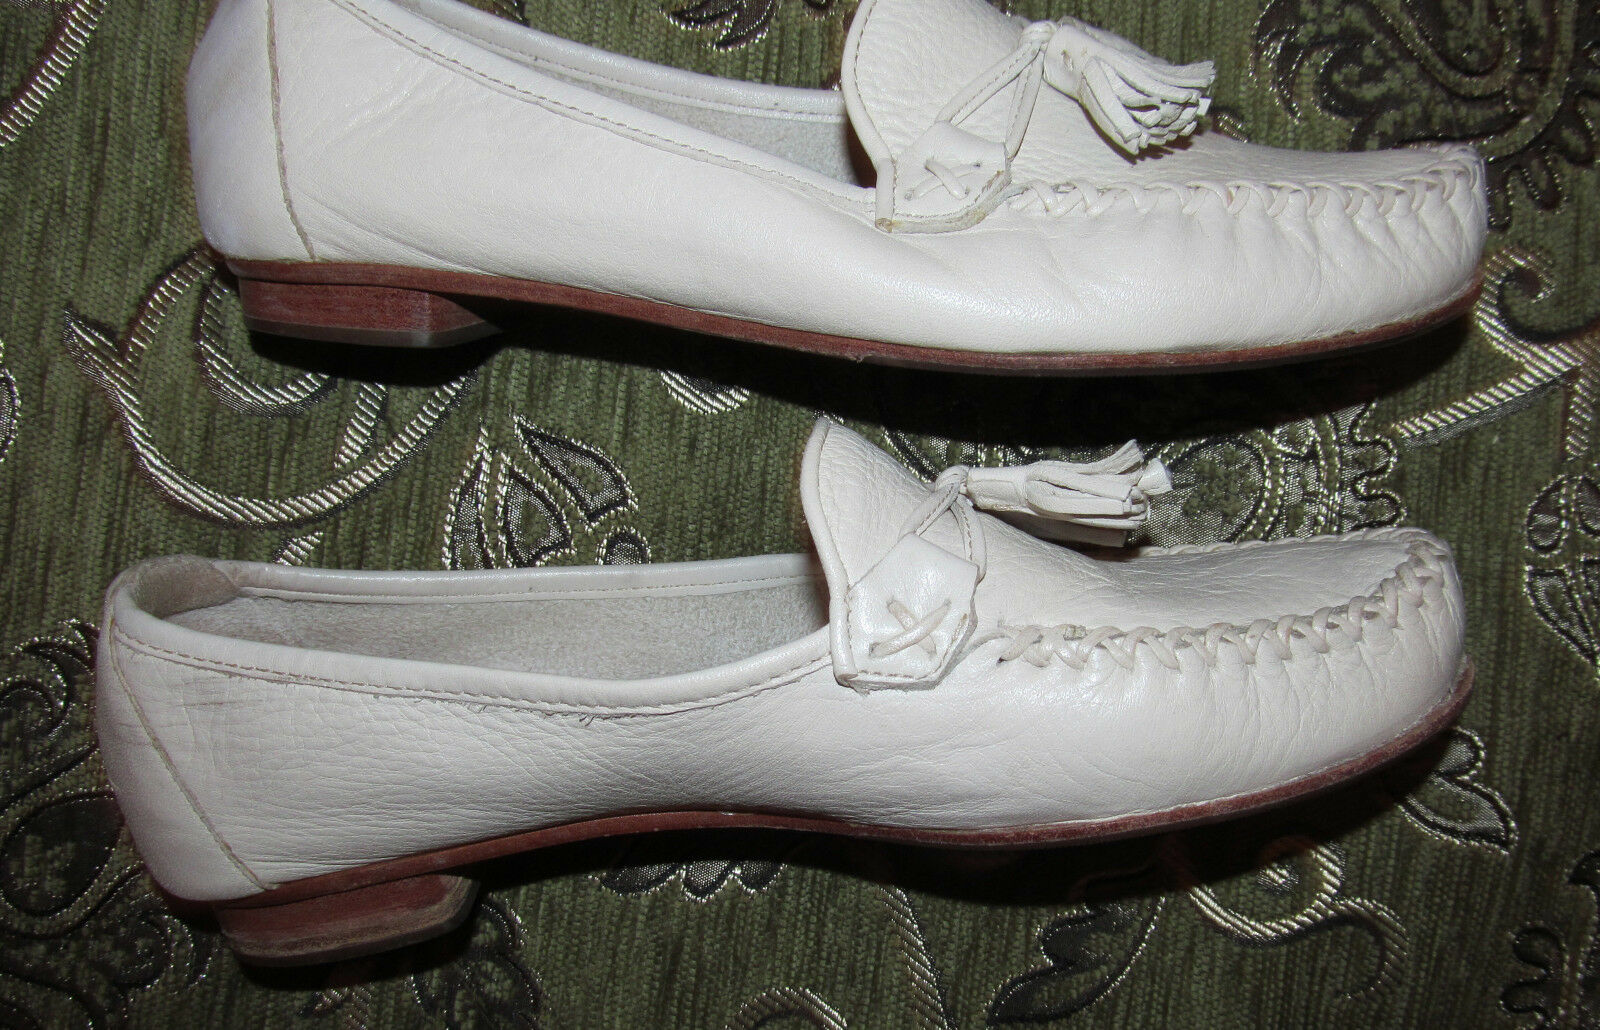 Cole Haan FOULONNE cuir Tassel Loafers Mocassins ivoire blanc cassé pointure 7.5 B